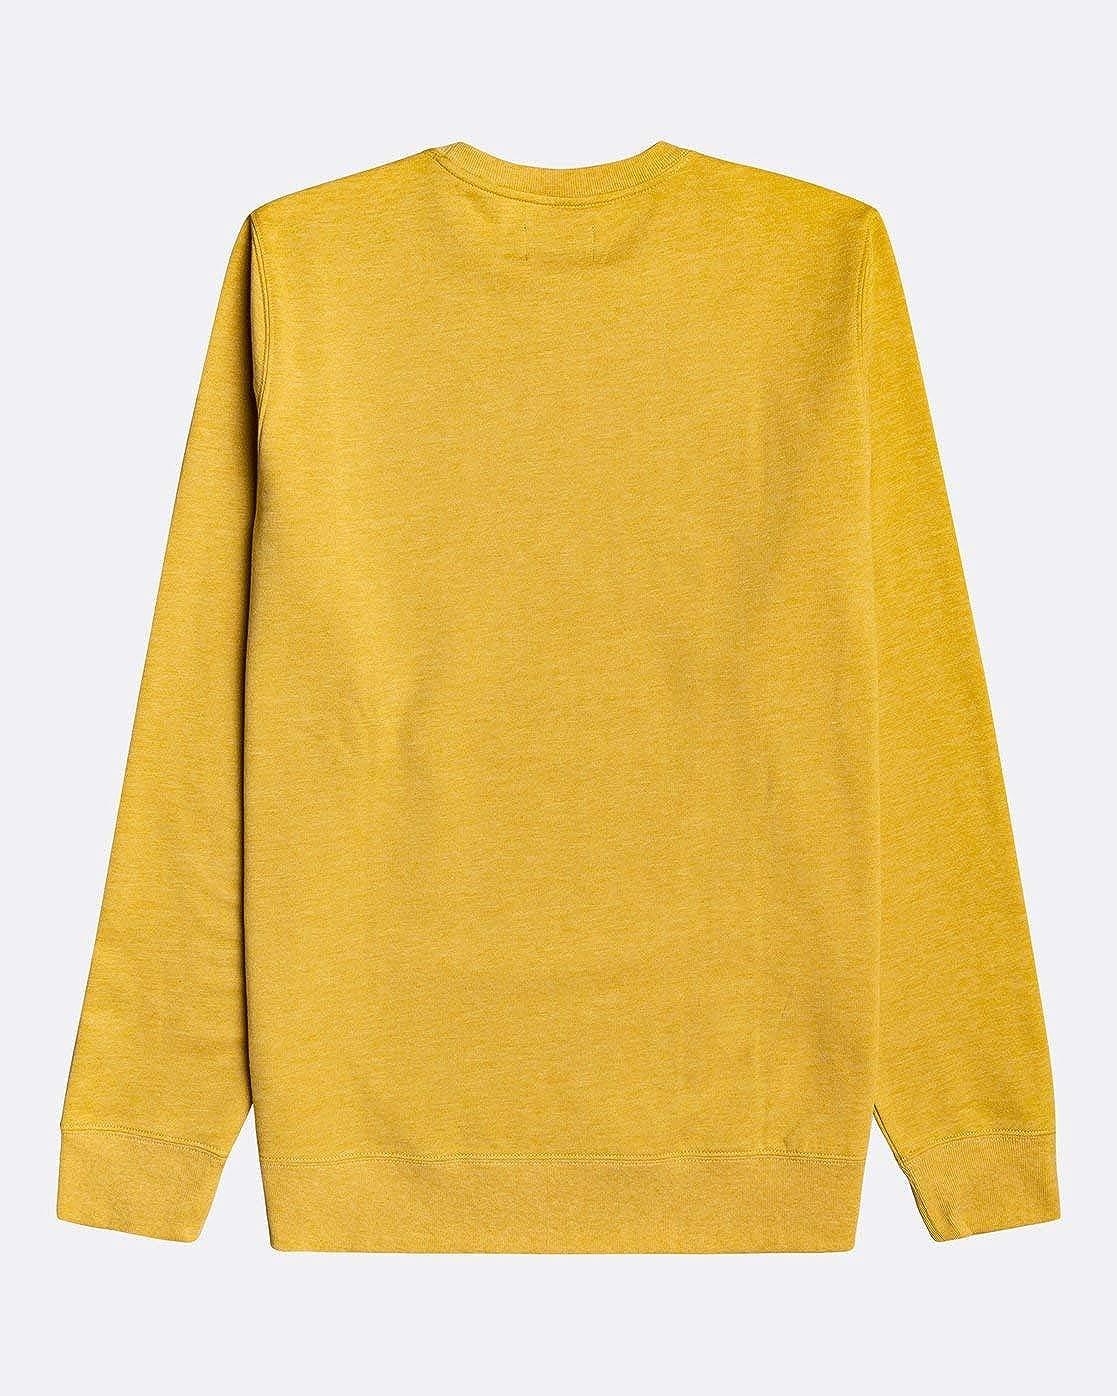 BILLABONG All Day Crew Sweater Senffarben